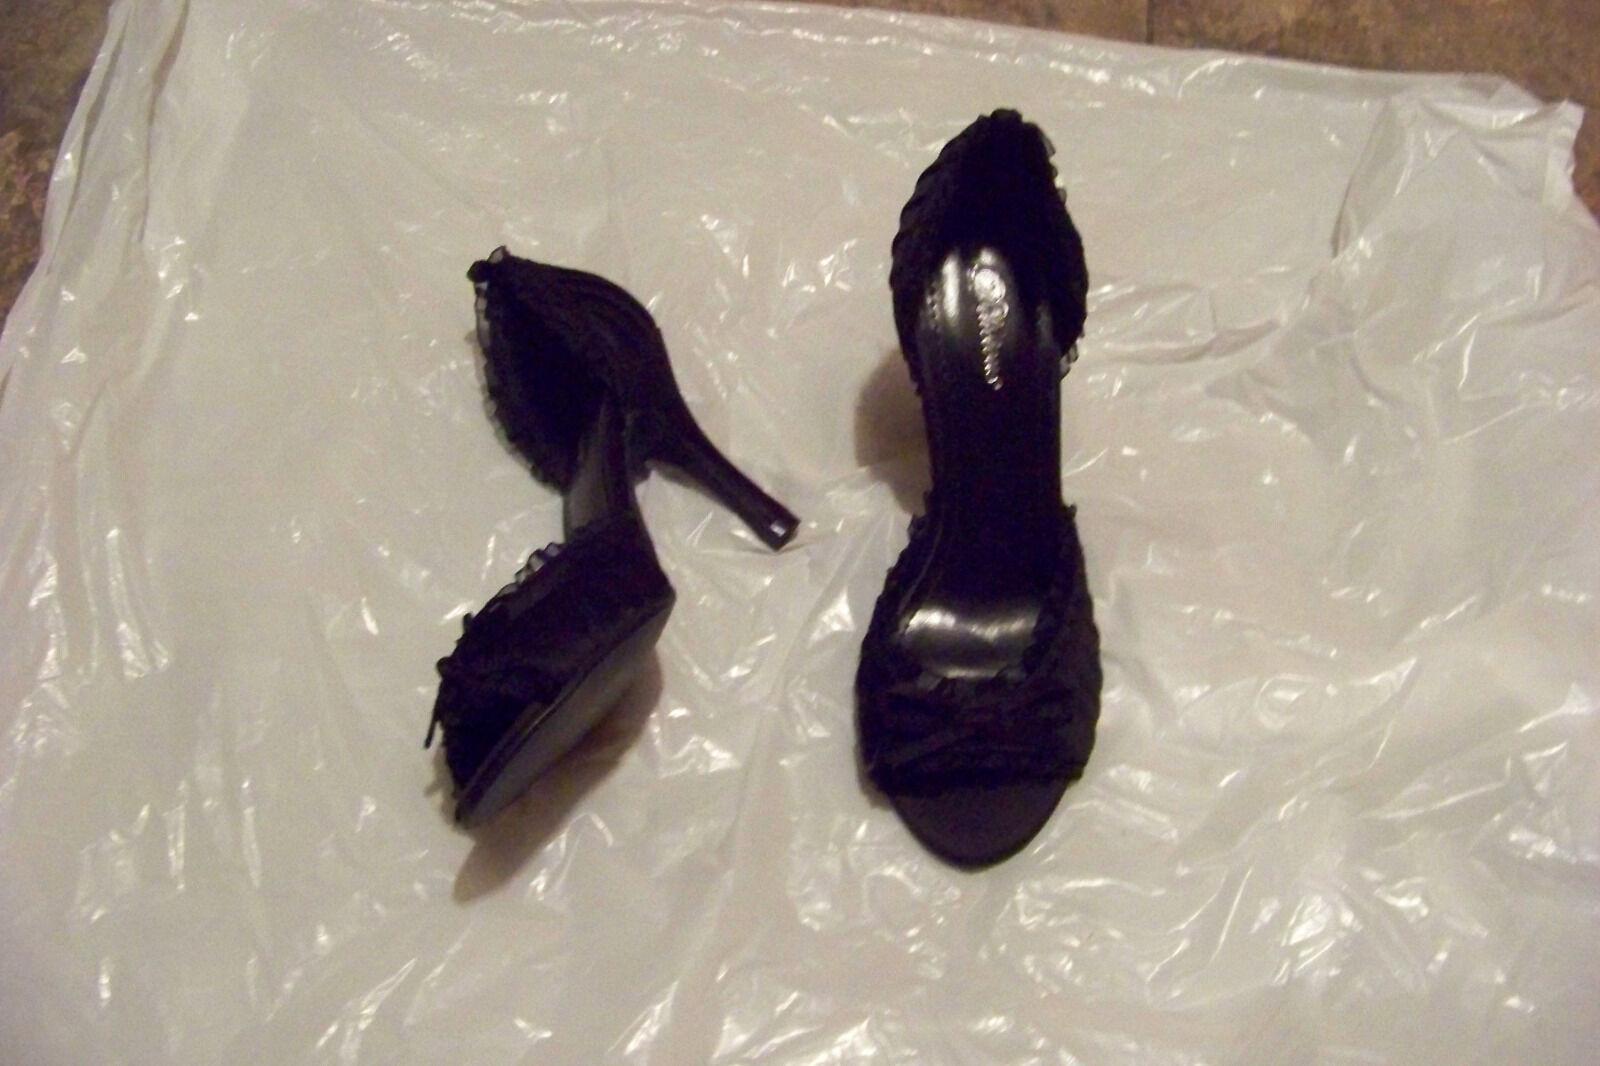 womens delicious black fabric open 6 toe heels shzoe size 6 open 1/2 745021